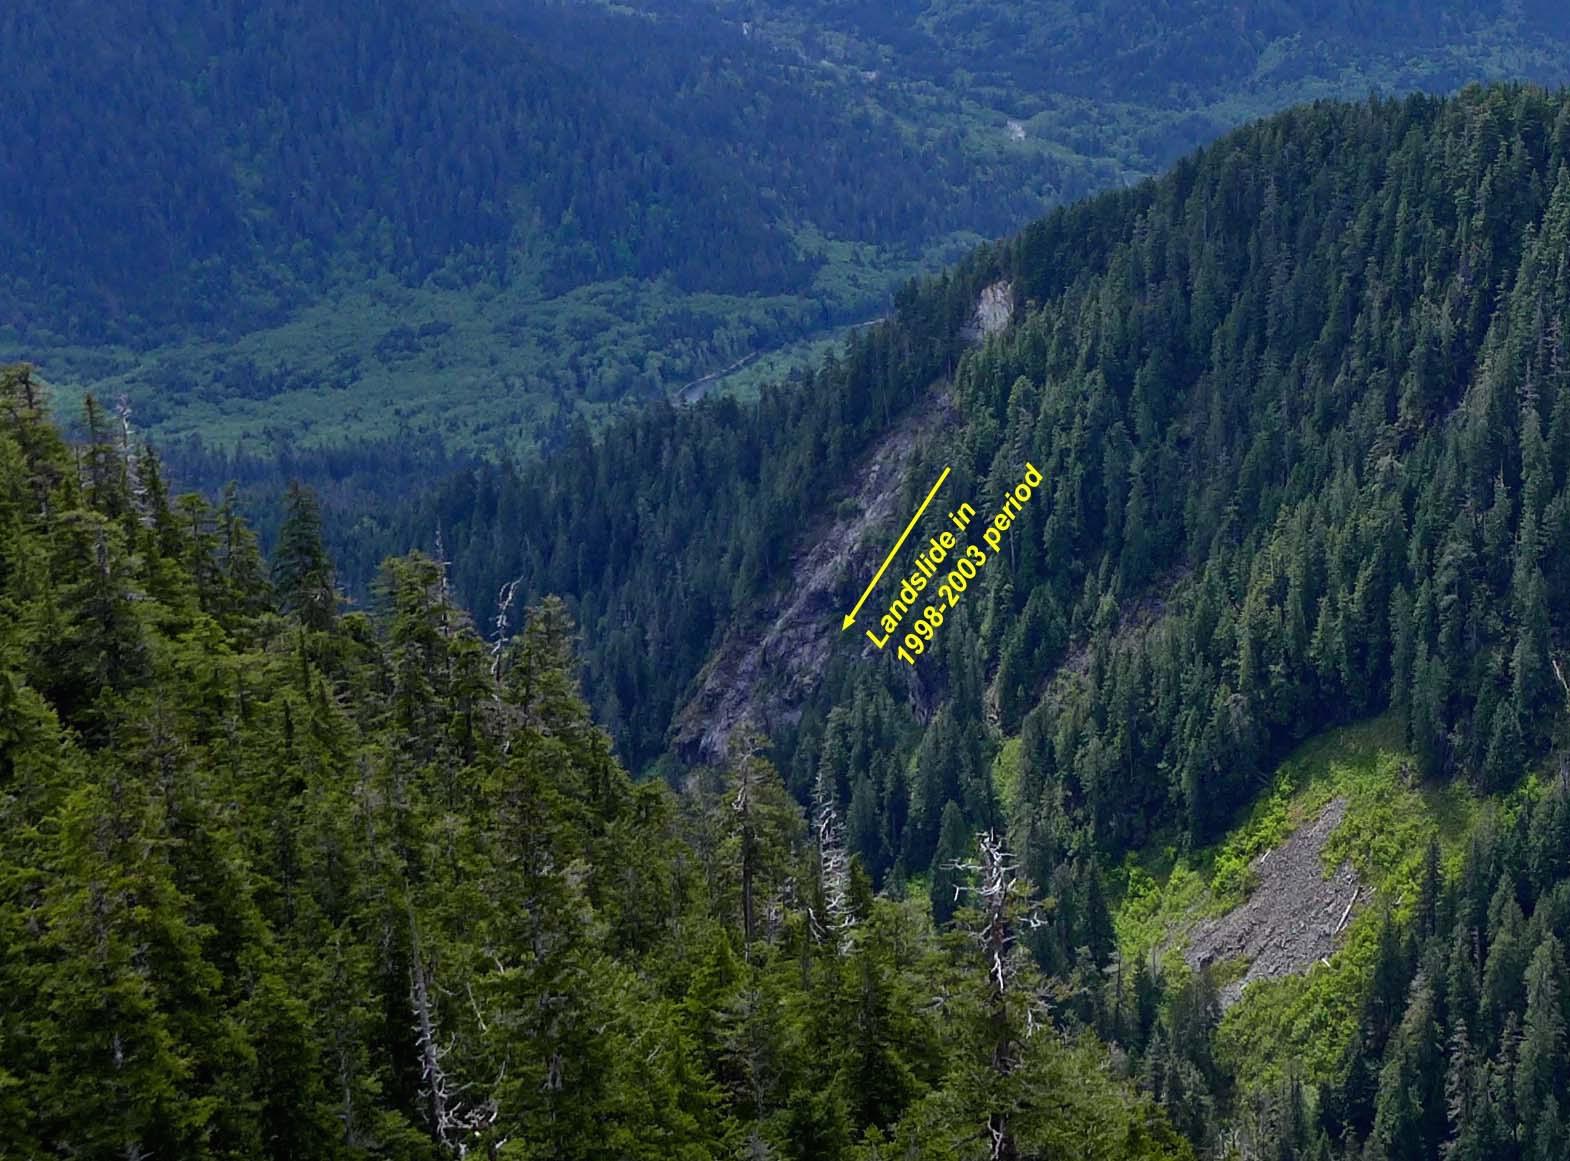 20130601BessemerRidgeLandSlide